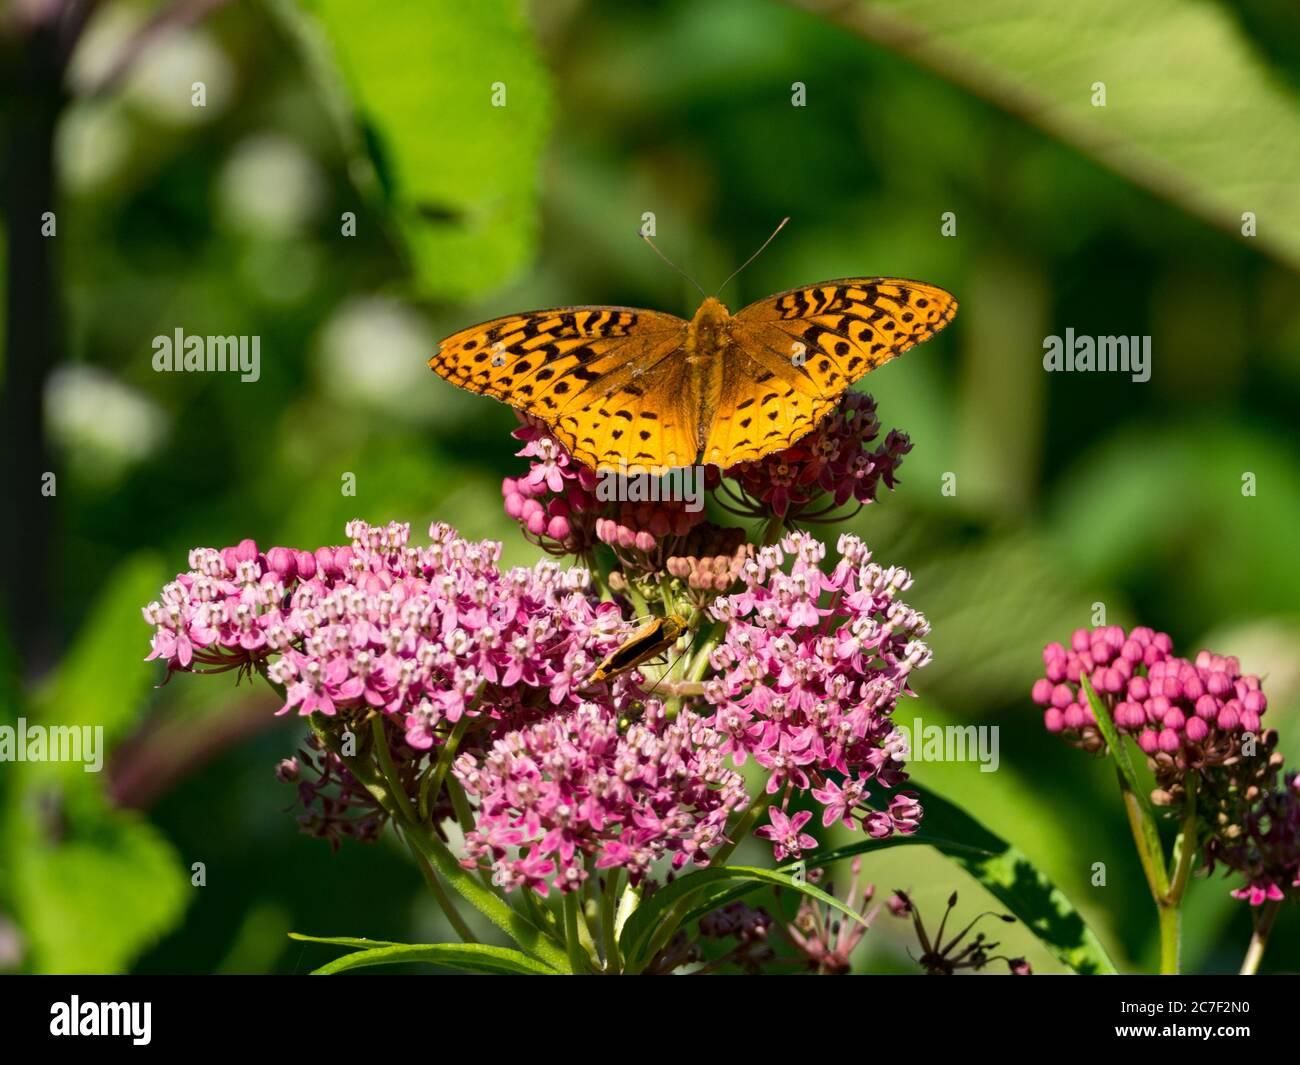 Gran mariposa de frutillary spangled, Speyeria cybele, en la hierba de pantano de una pradera nativa en Ohio, EE.UU Foto de stock